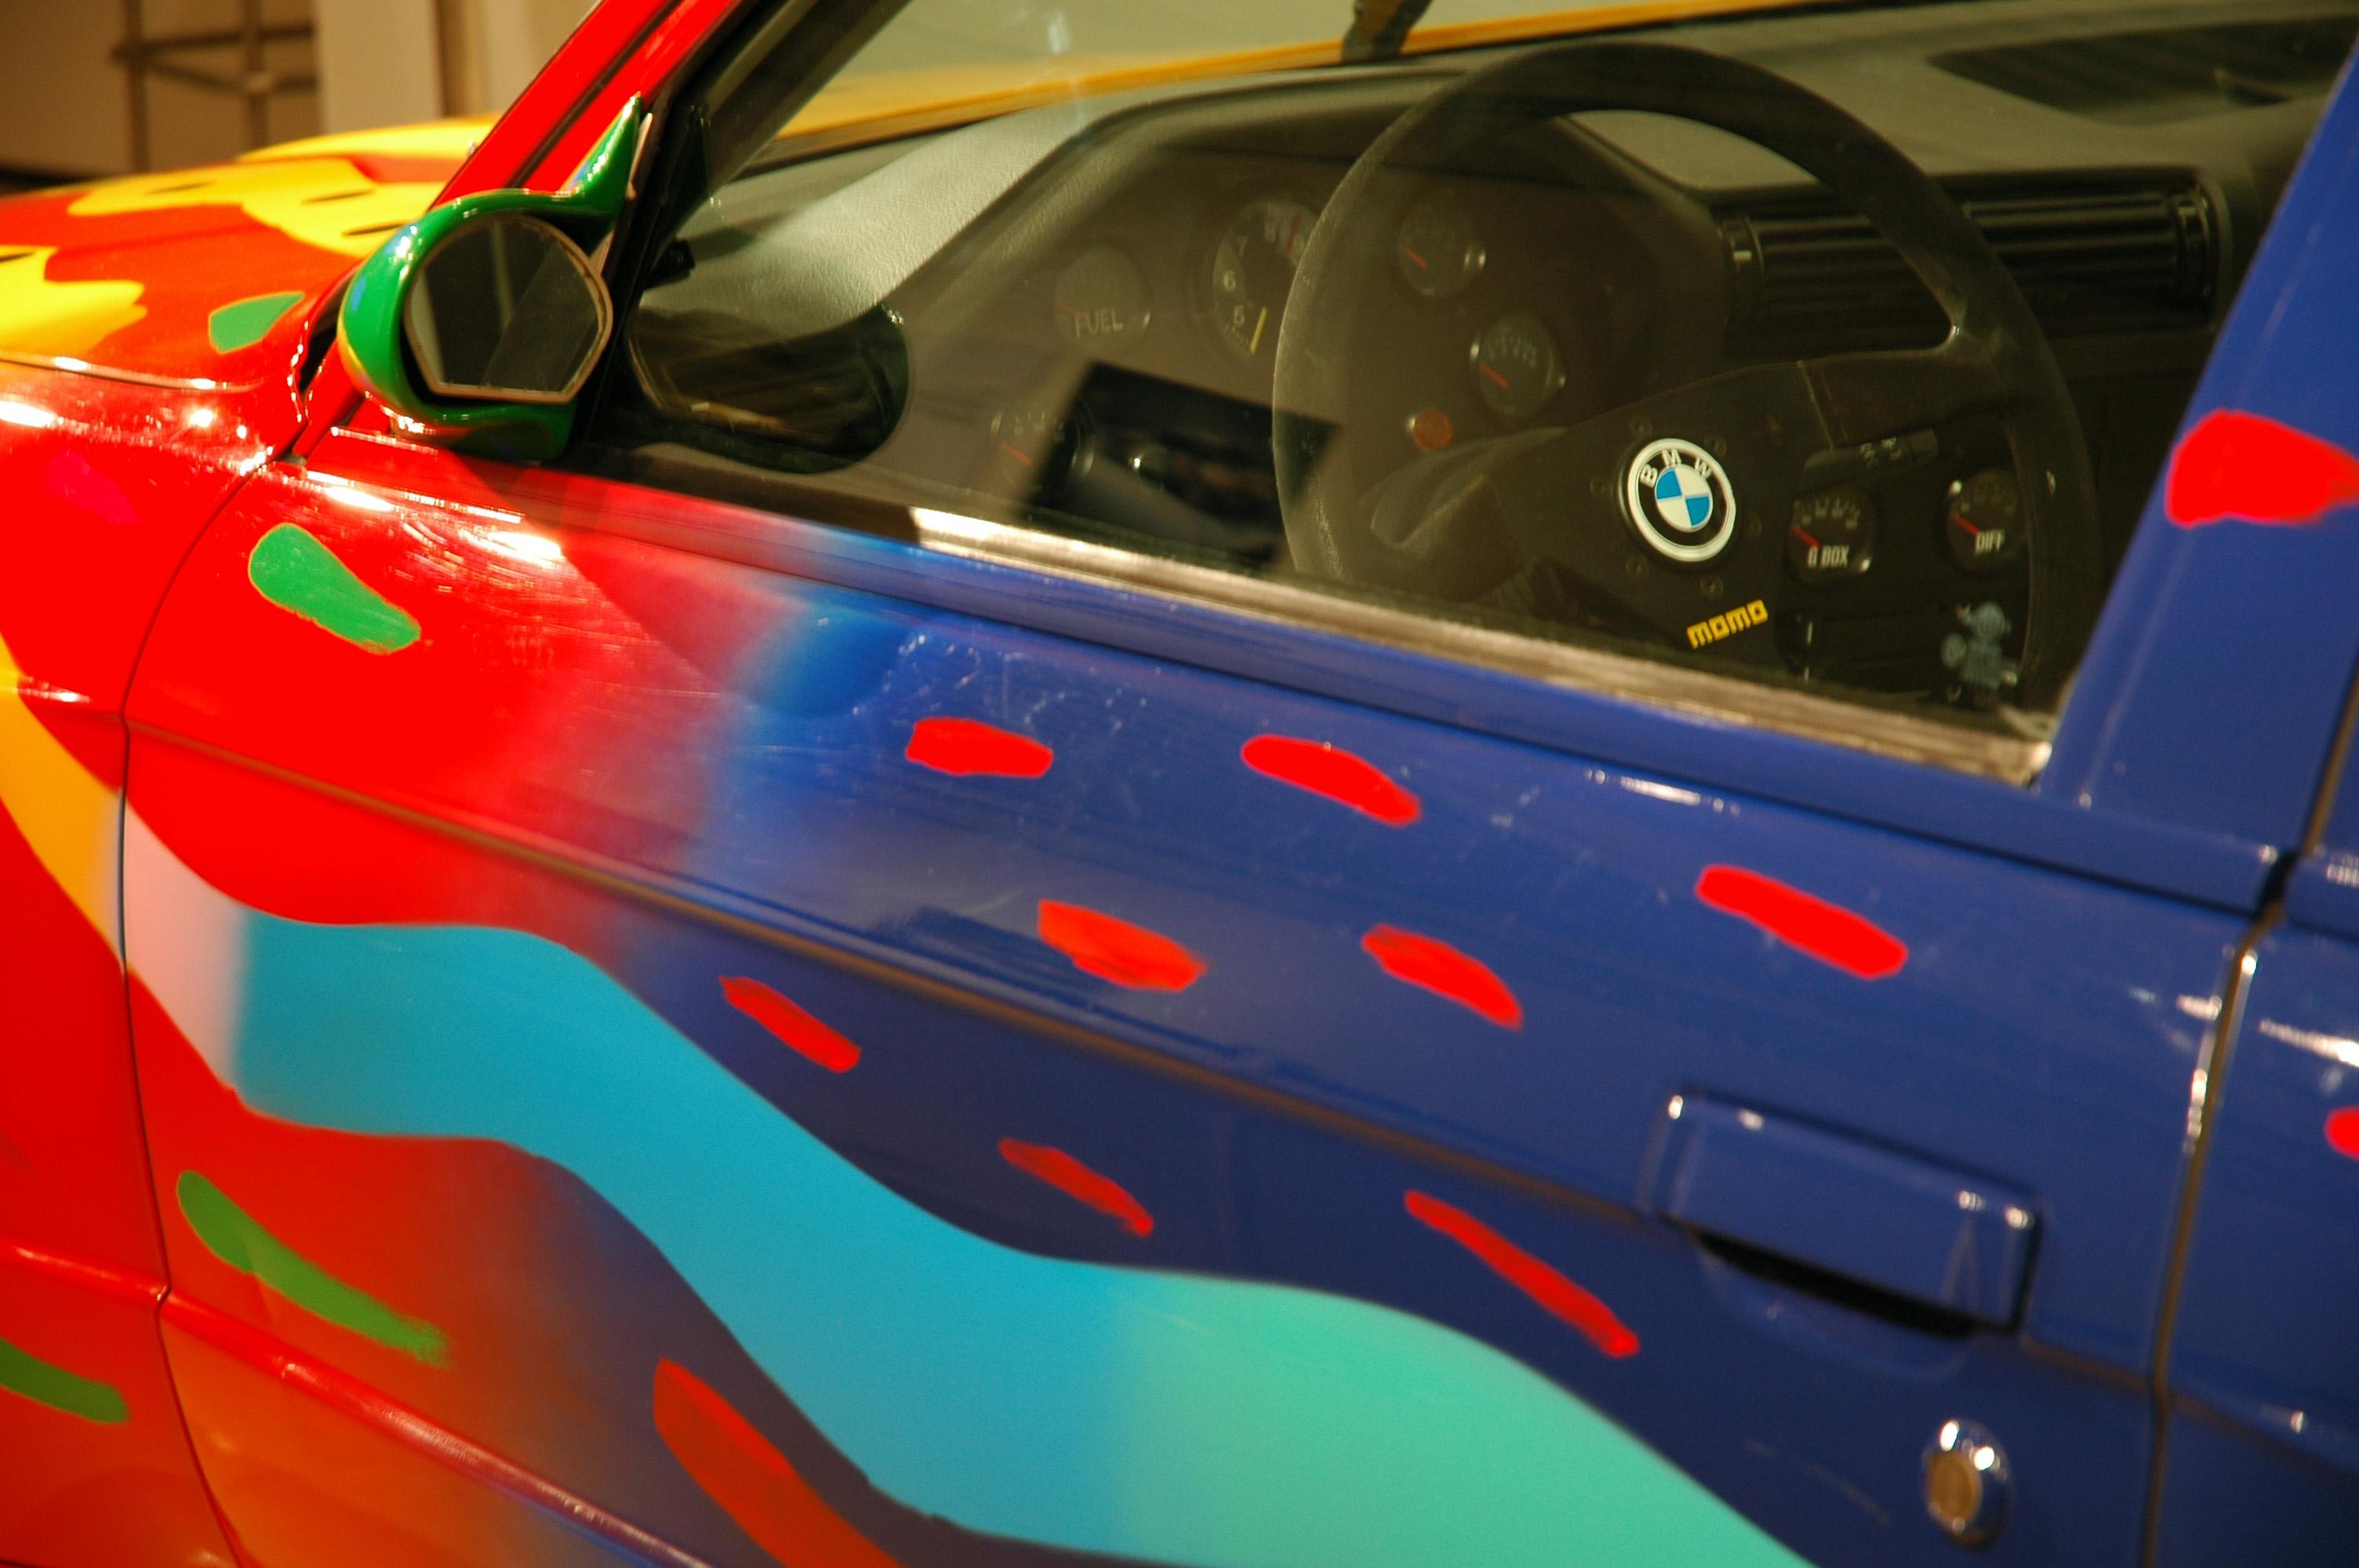 File:1989 BMW M3 Group A Art Car by Ken Done window.jpg - Wikimedia ...